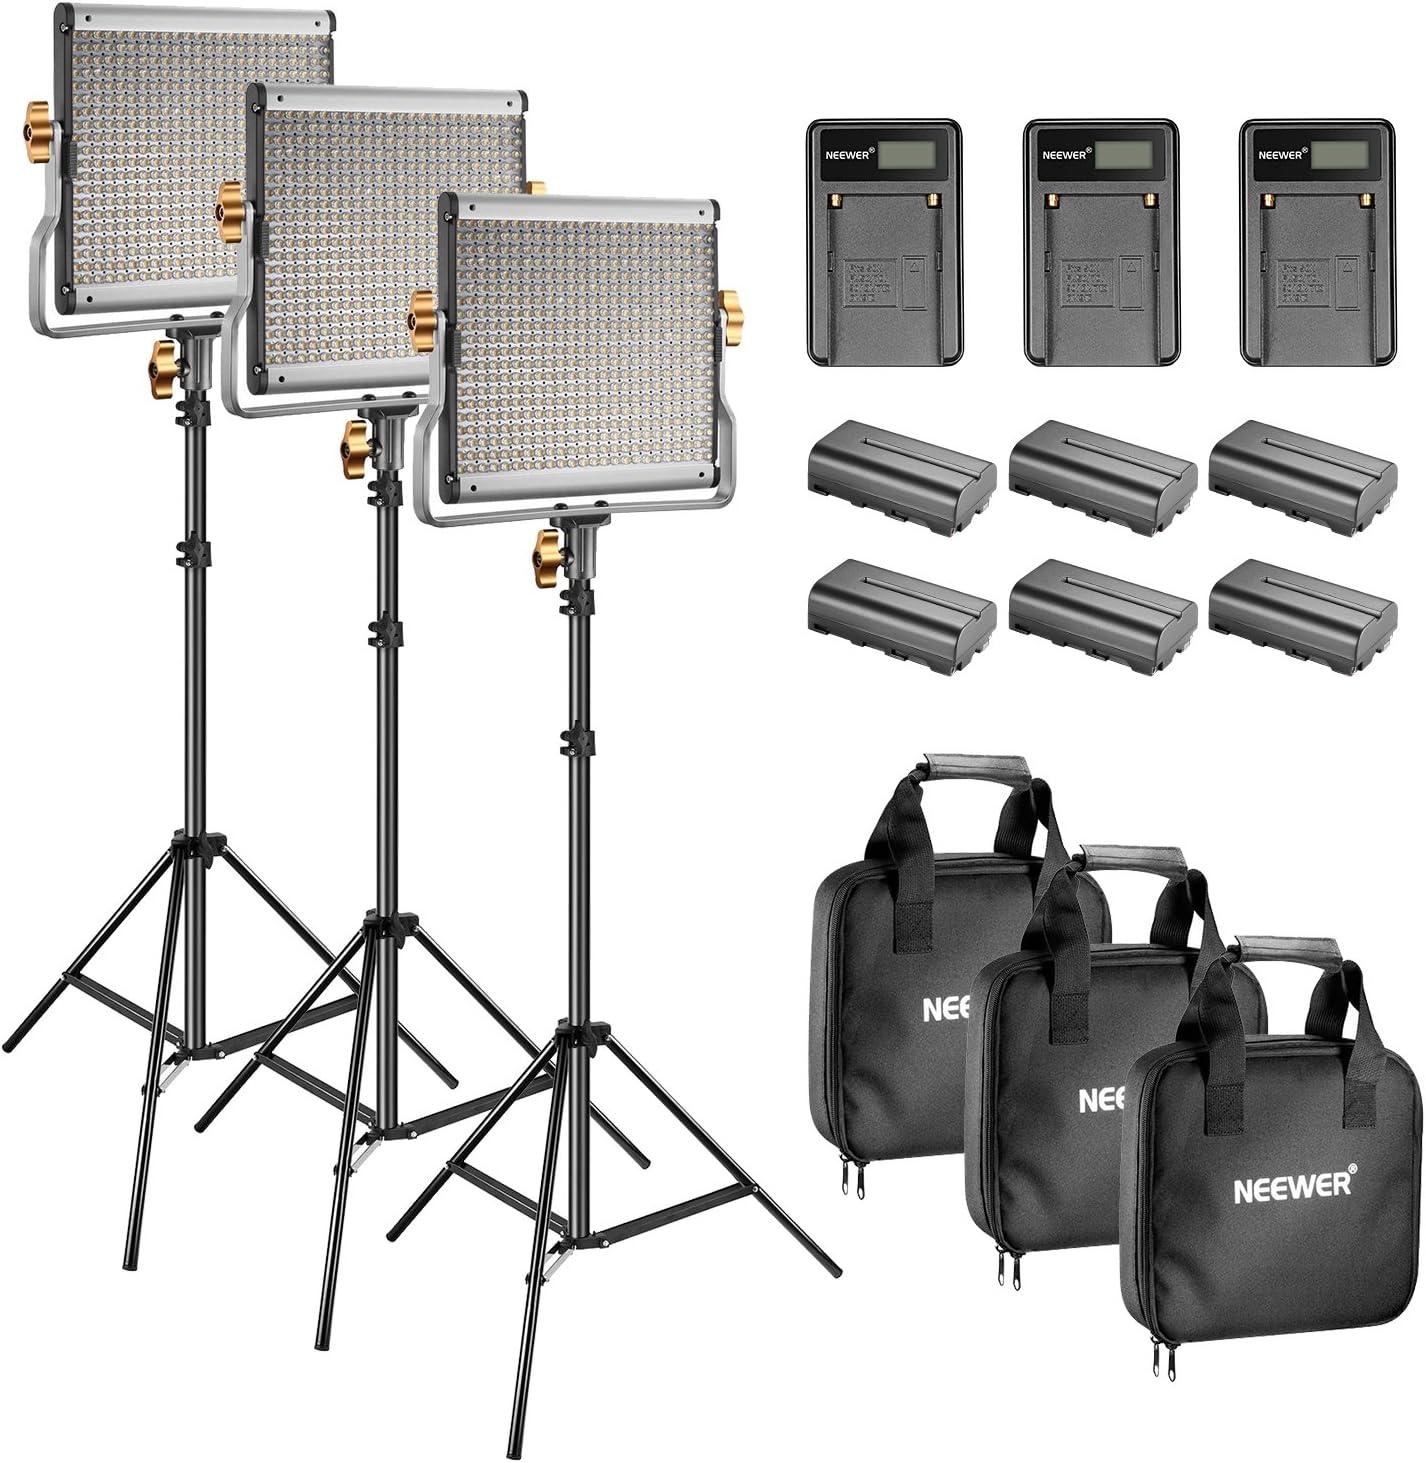 Neewer - Kit de iluminación y Soporte de vídeo LED 480 Bicolor, con batería y Cargador para Studio Youtube, Marco de Metal Duradero Regulable con Soporte en U 3200-5600K CRI 96+ (3